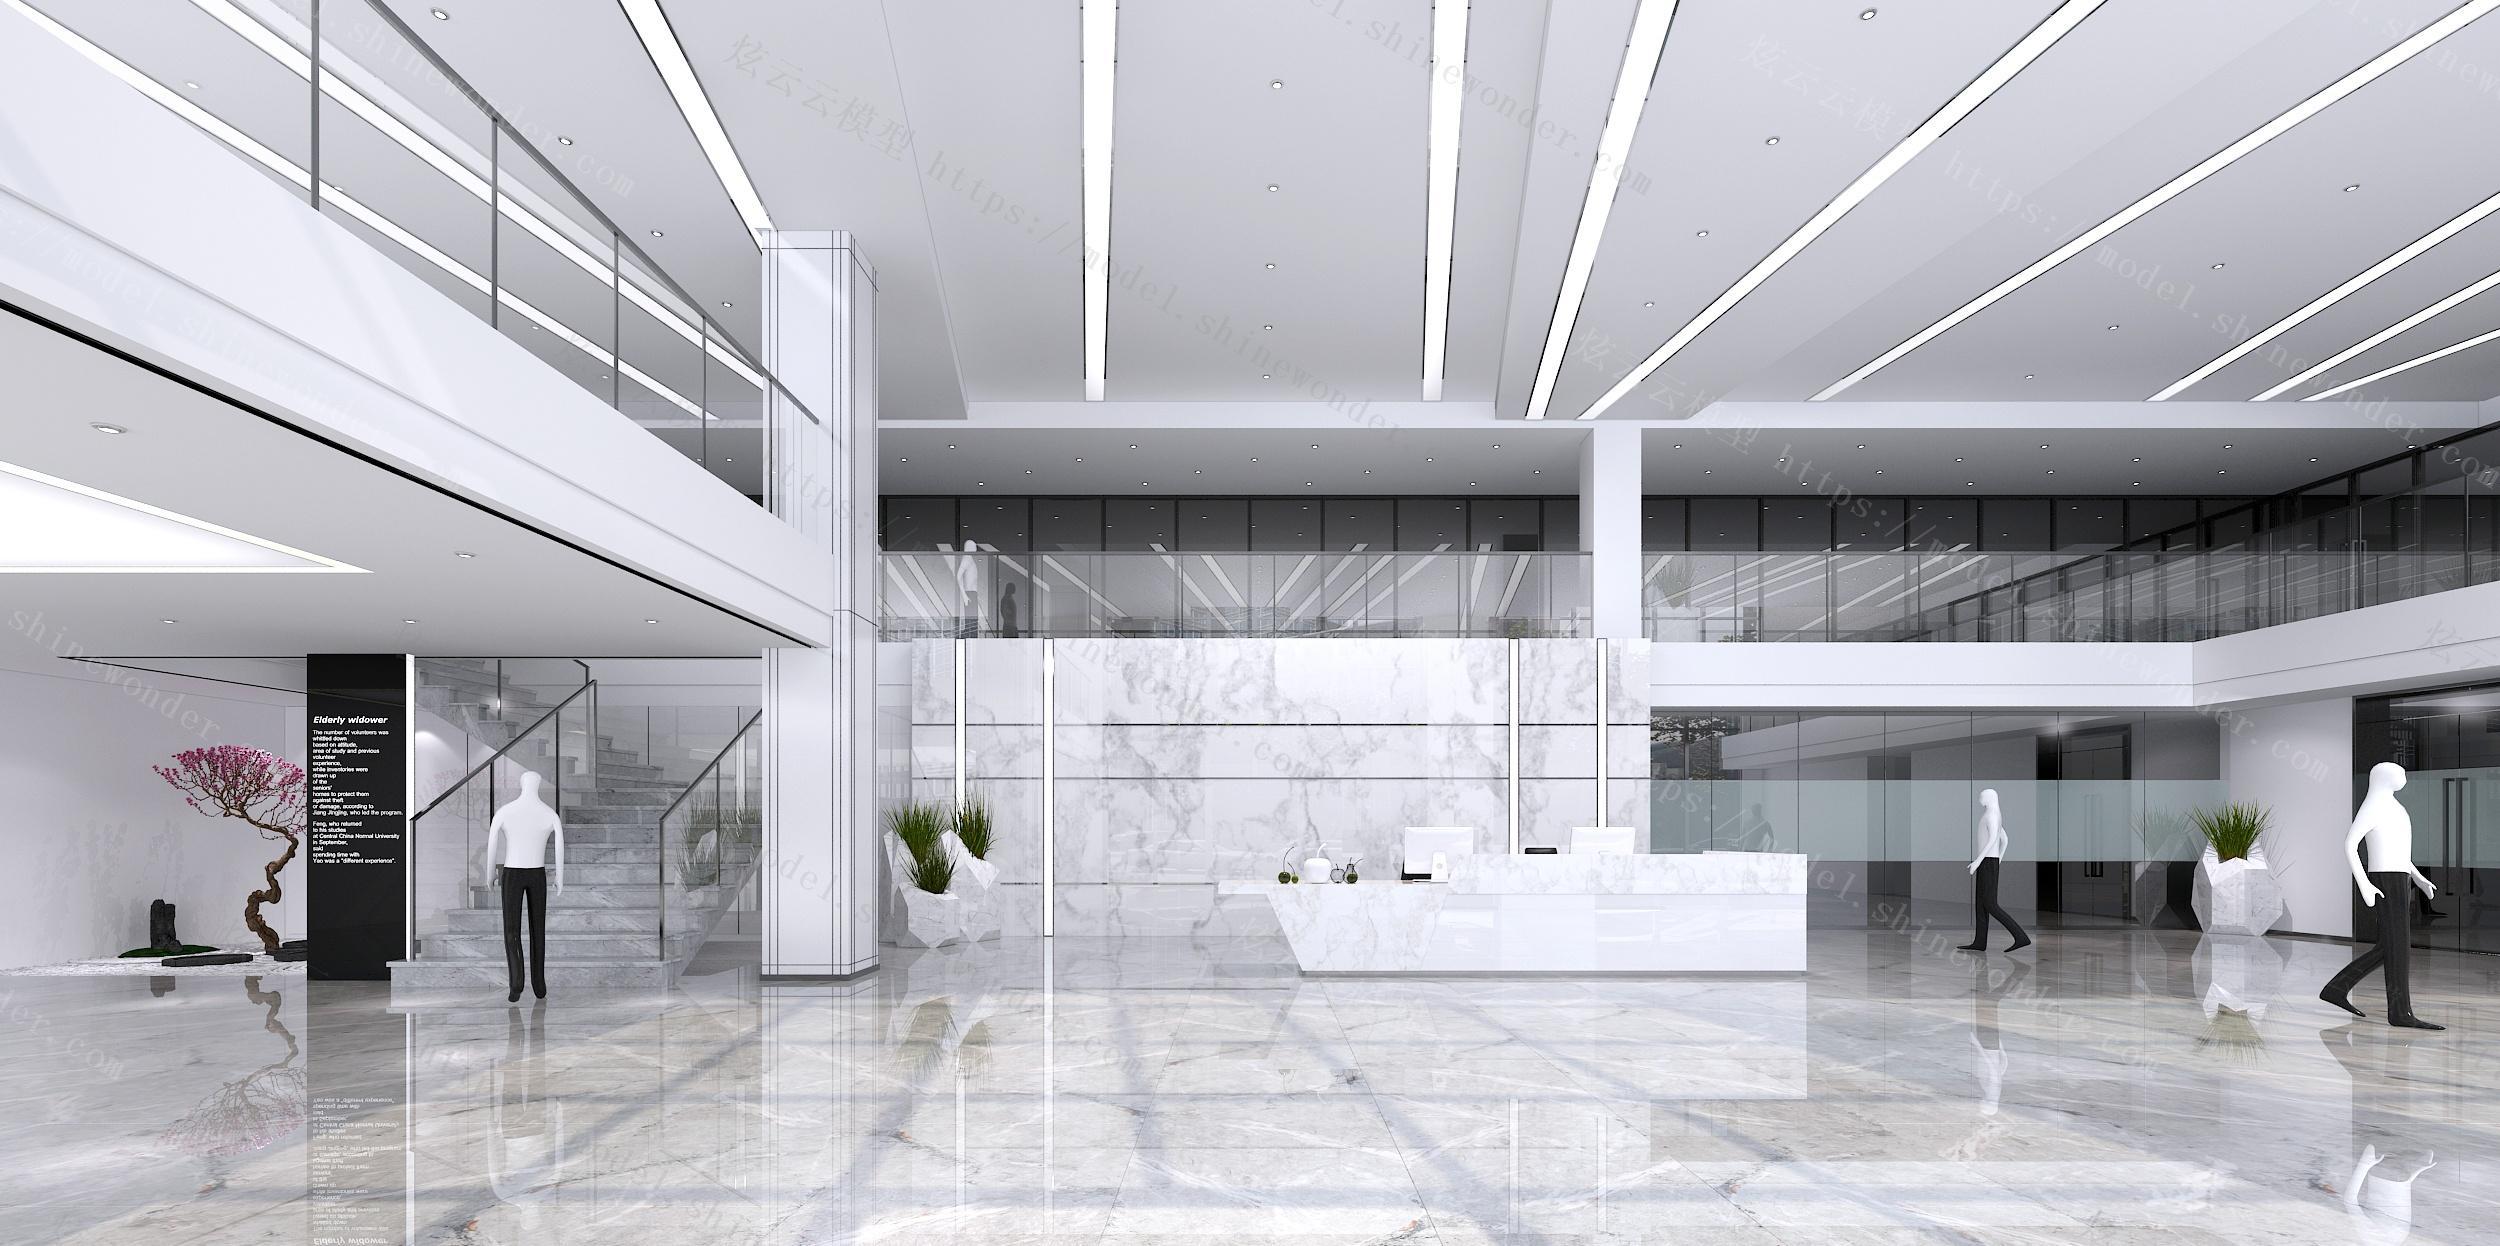 现代办公楼大厅模型